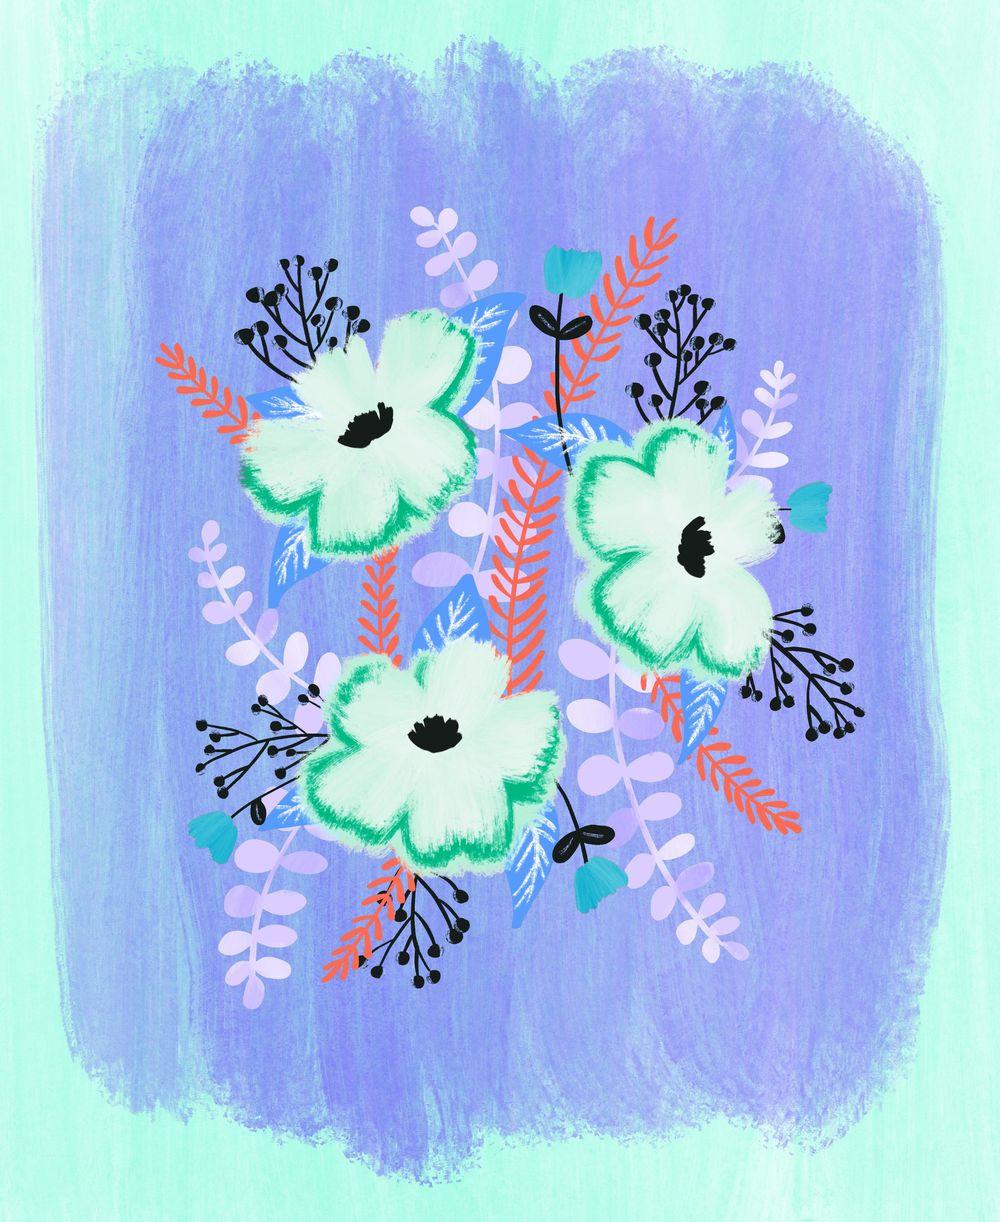 Gouache Florals - image 4 - student project